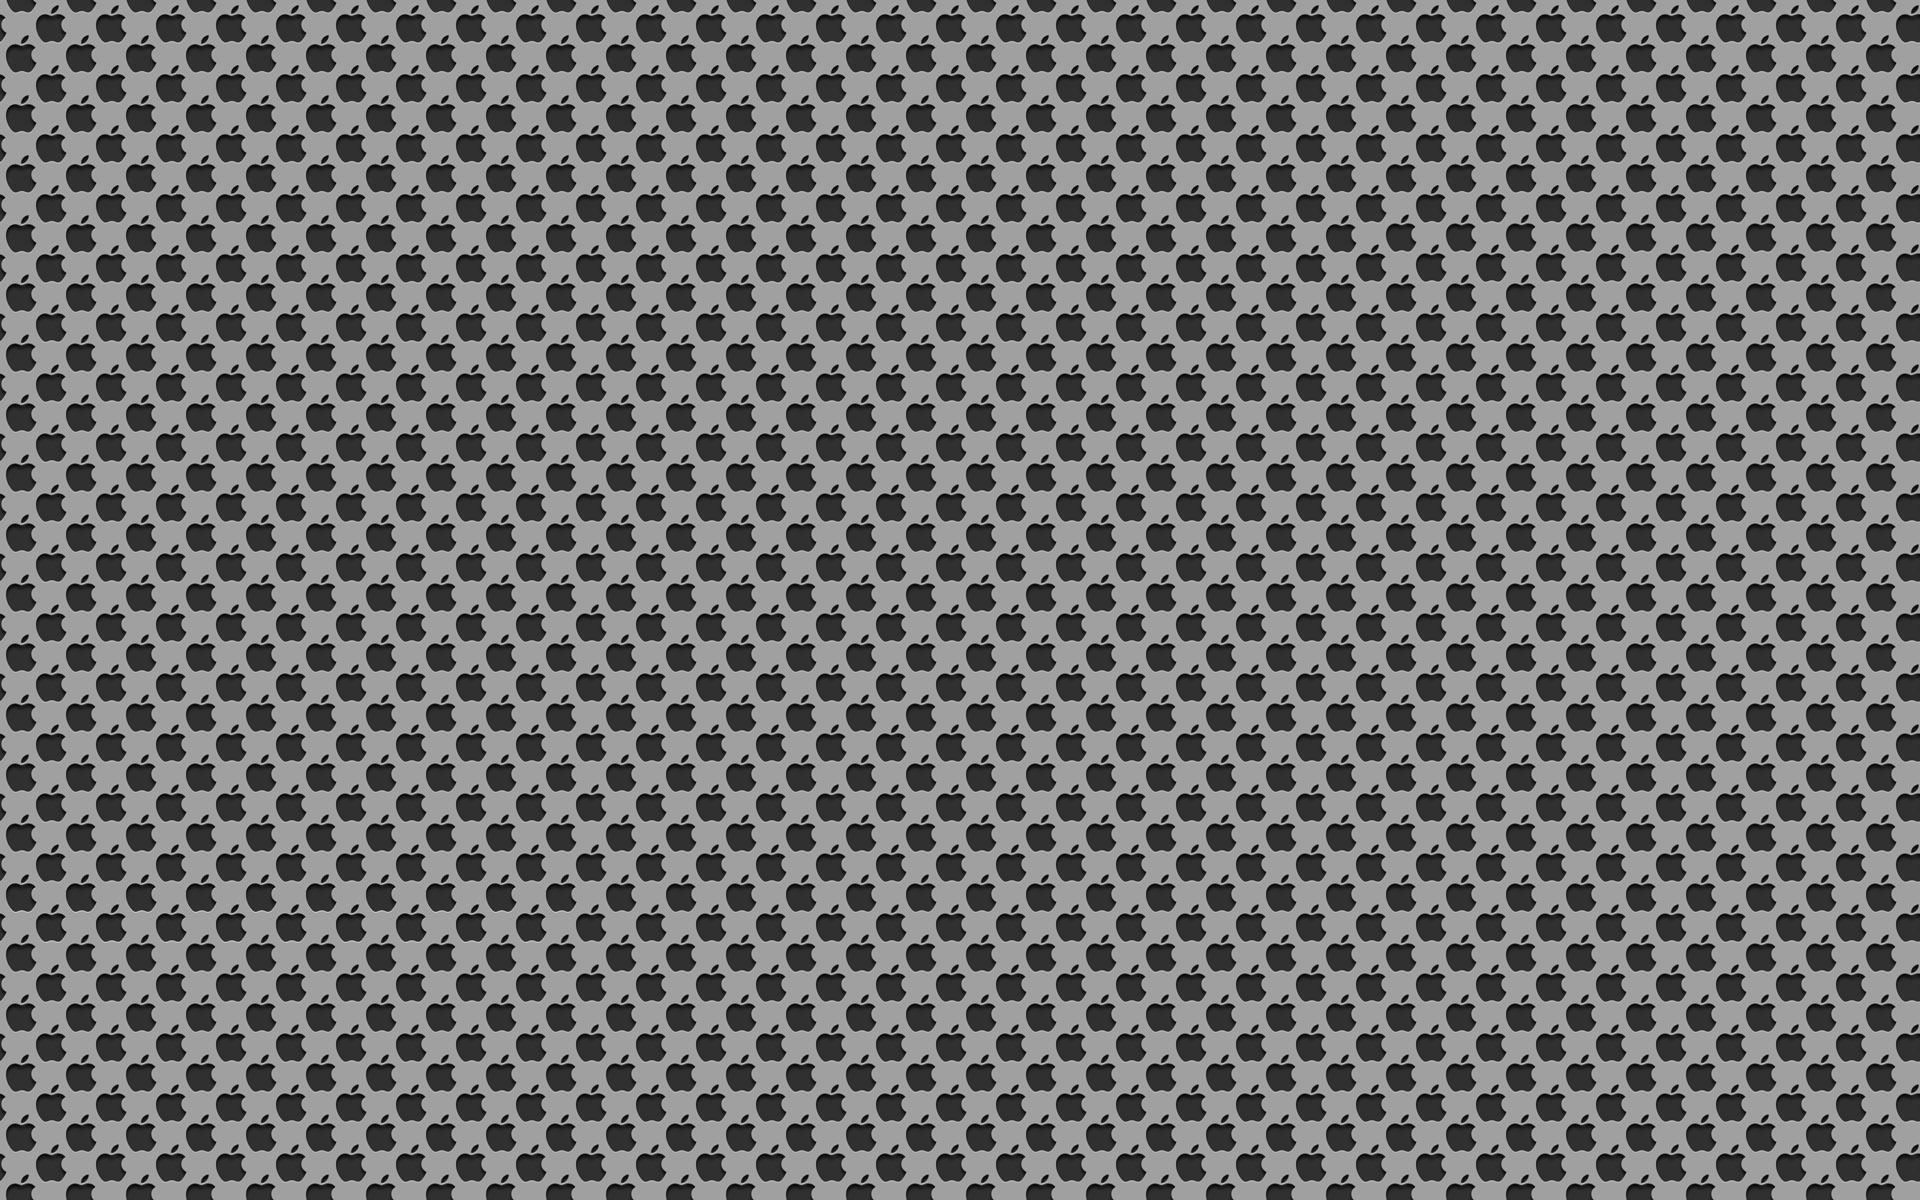 苹果电脑(apple)主题壁纸高清图片素材4(20p)[中国